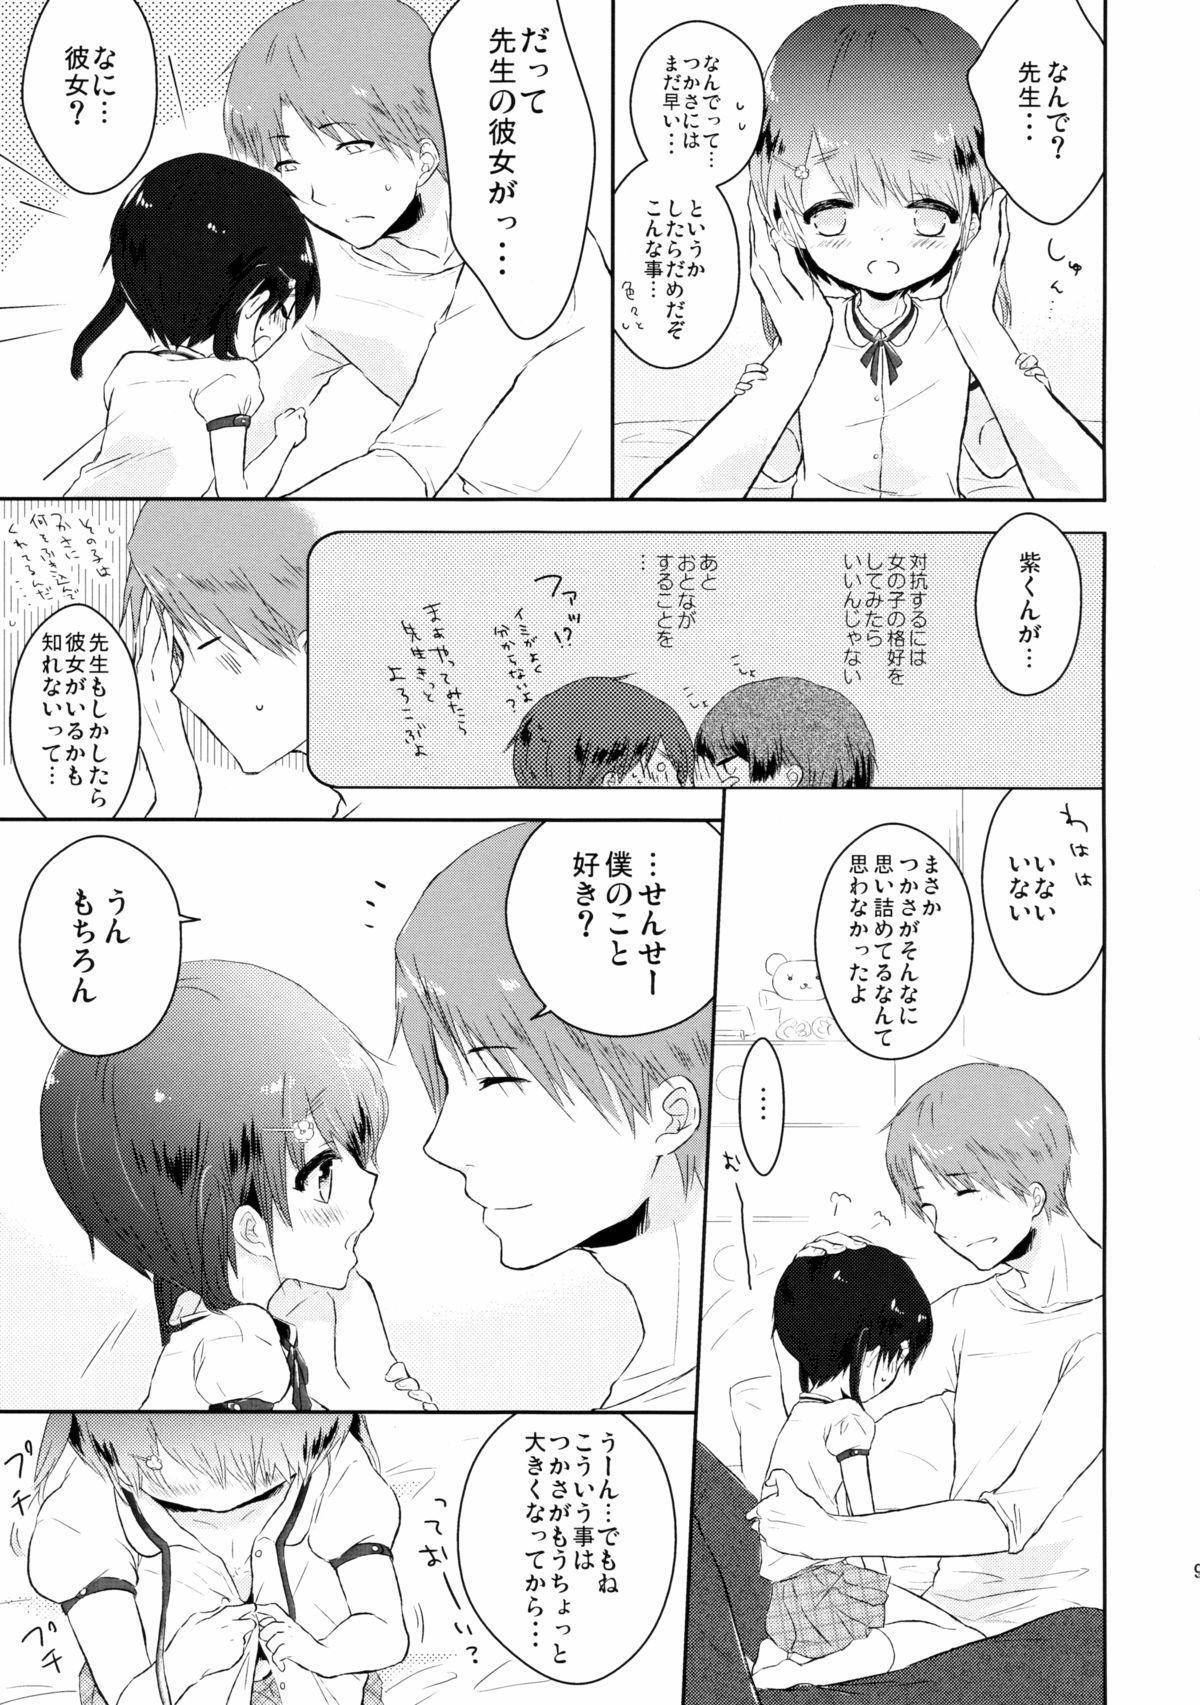 Yasashii Sensei no Kouryaku Houhou 9